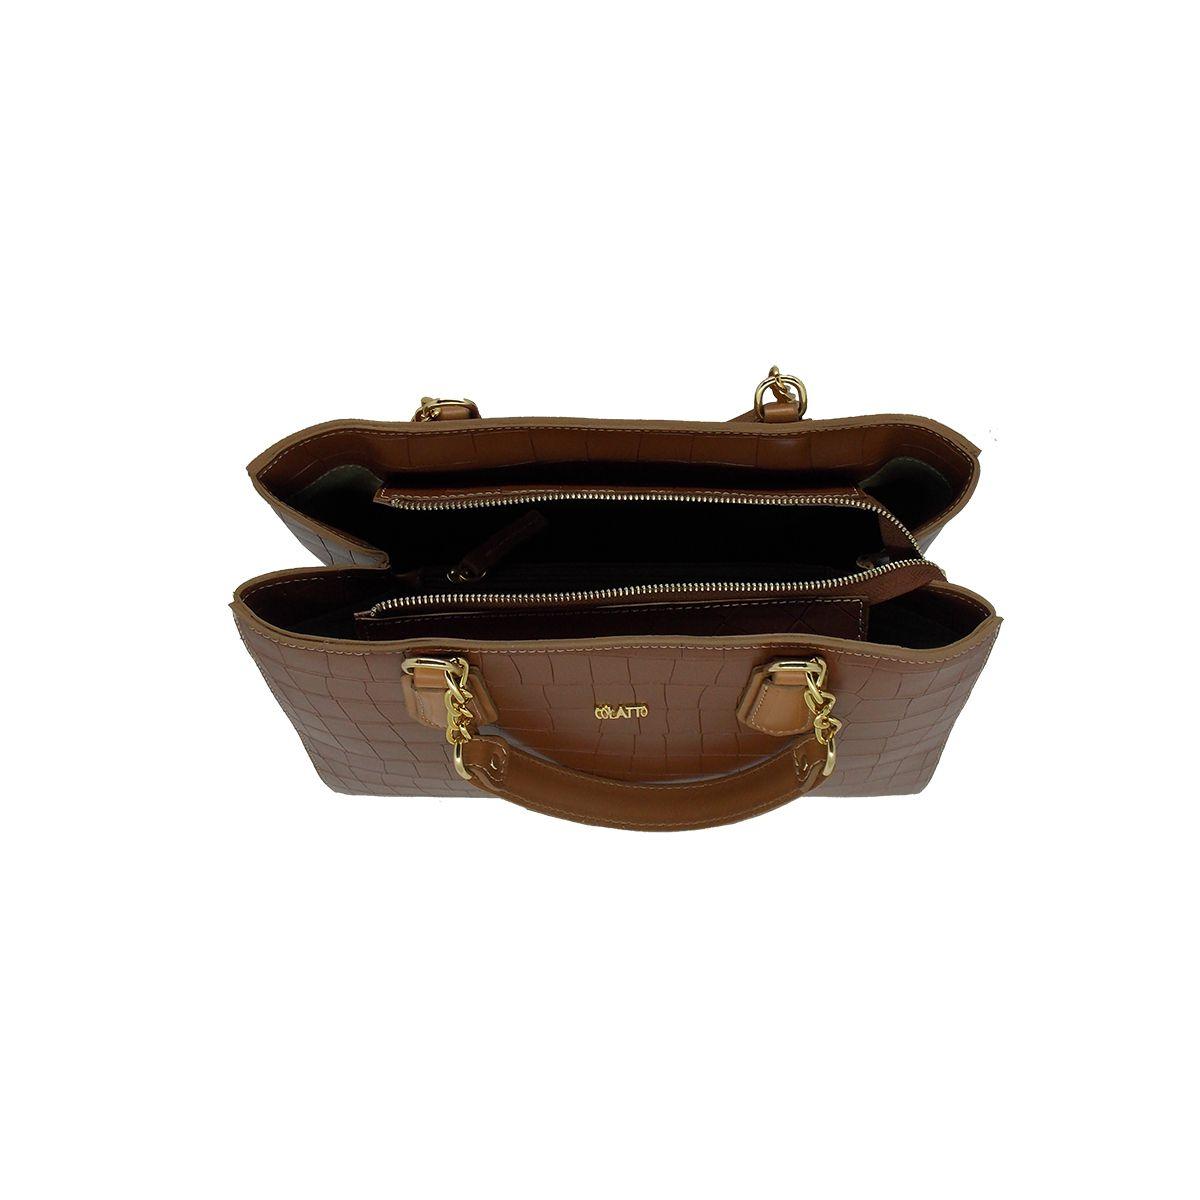 Bolsa Estruturada com divisórias em Croco Chocolate - Colatto